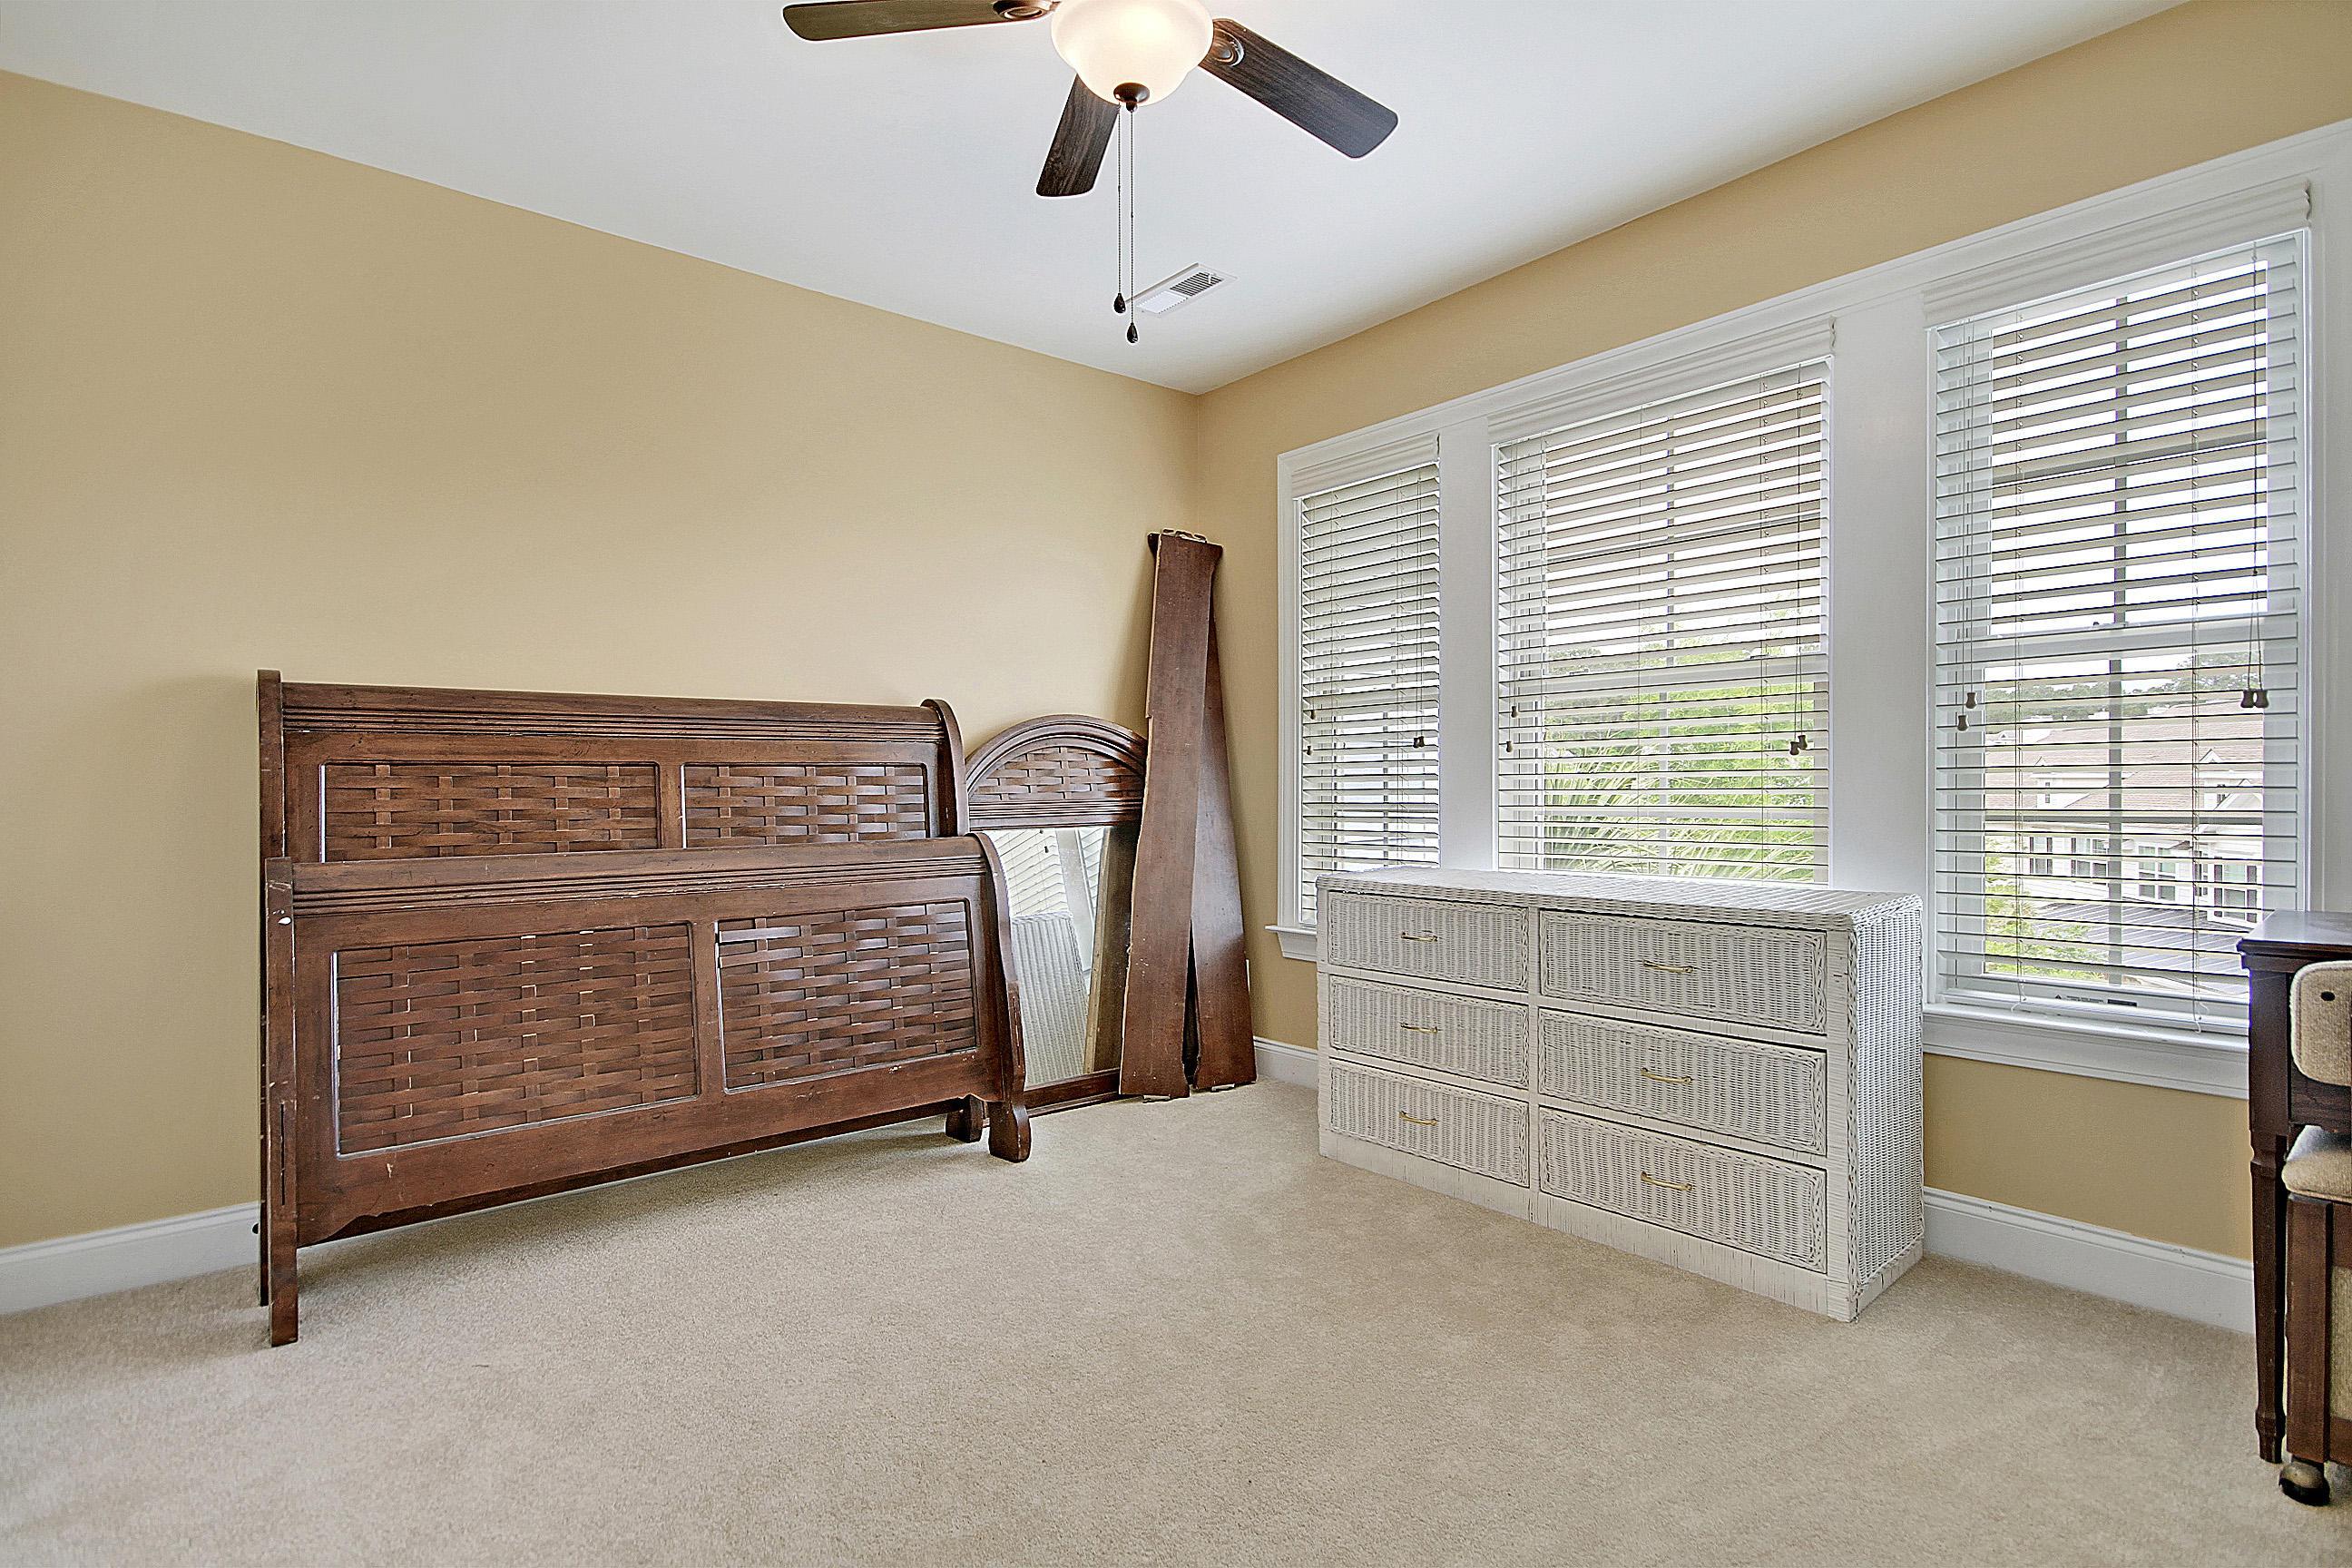 Park West Homes For Sale - 3624 Bagley, Mount Pleasant, SC - 14